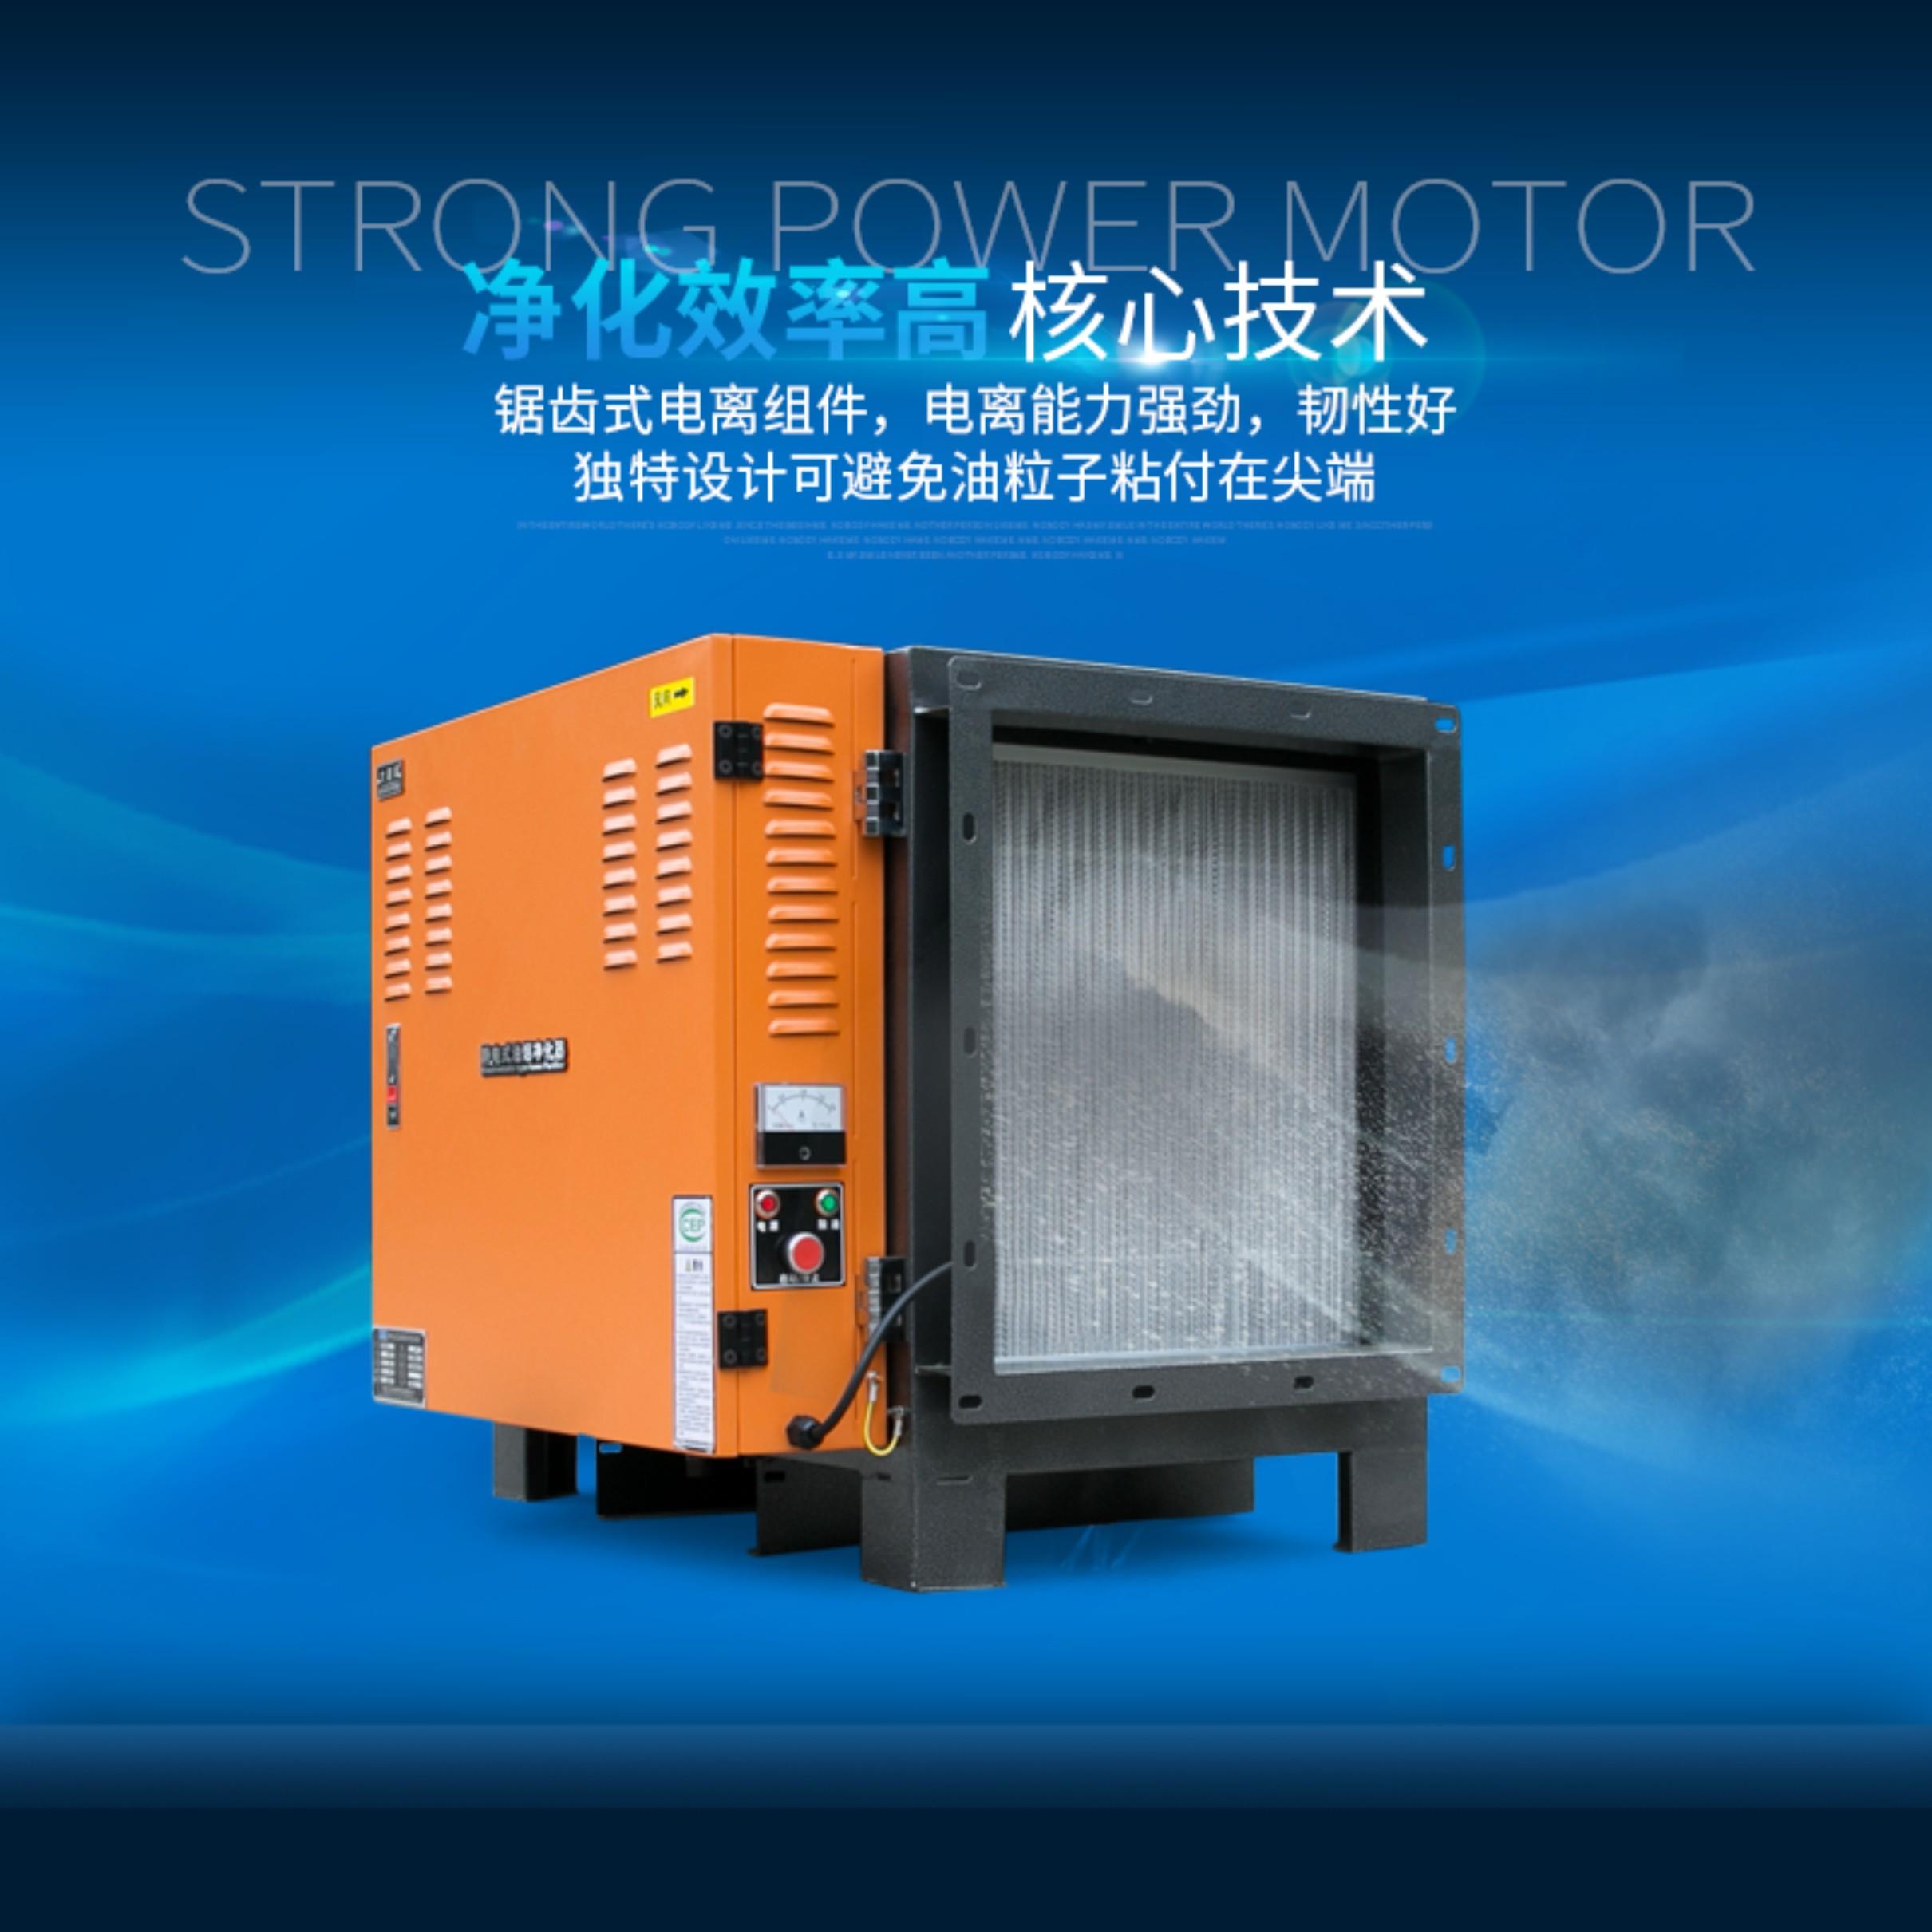 高空-静电式油烟净化器